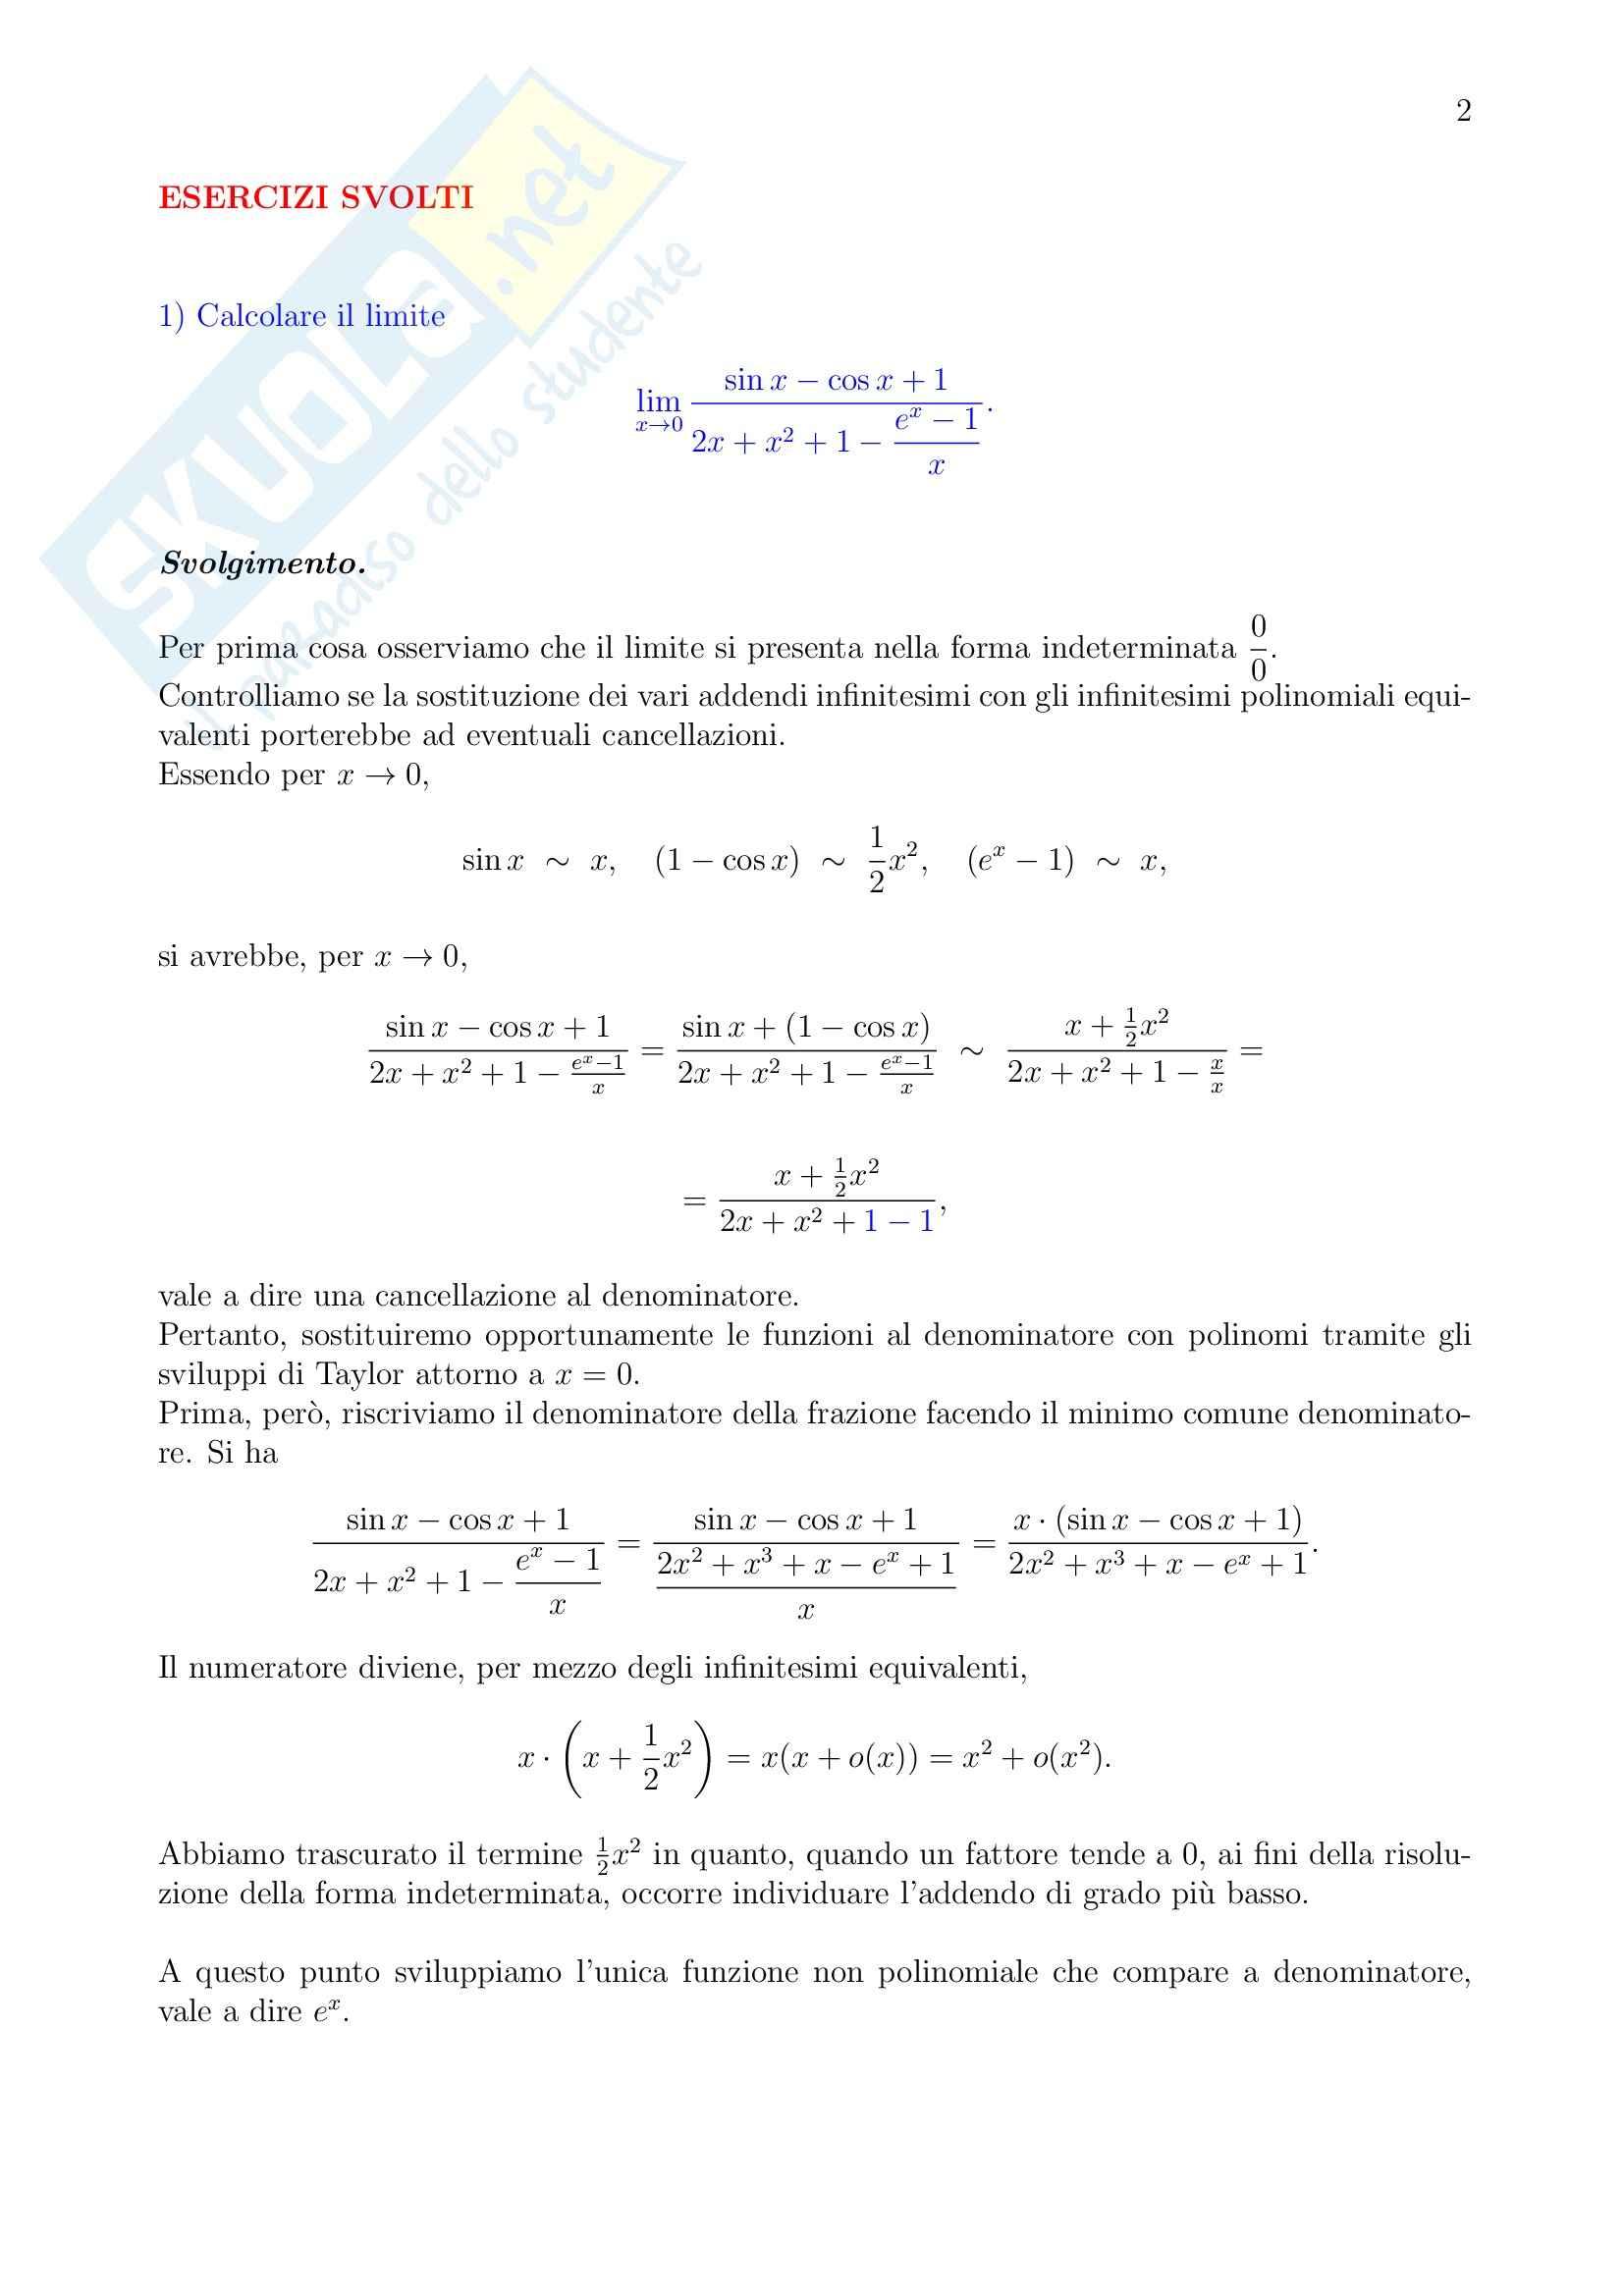 Analisi matematica - Esercizi svolti Pag. 2